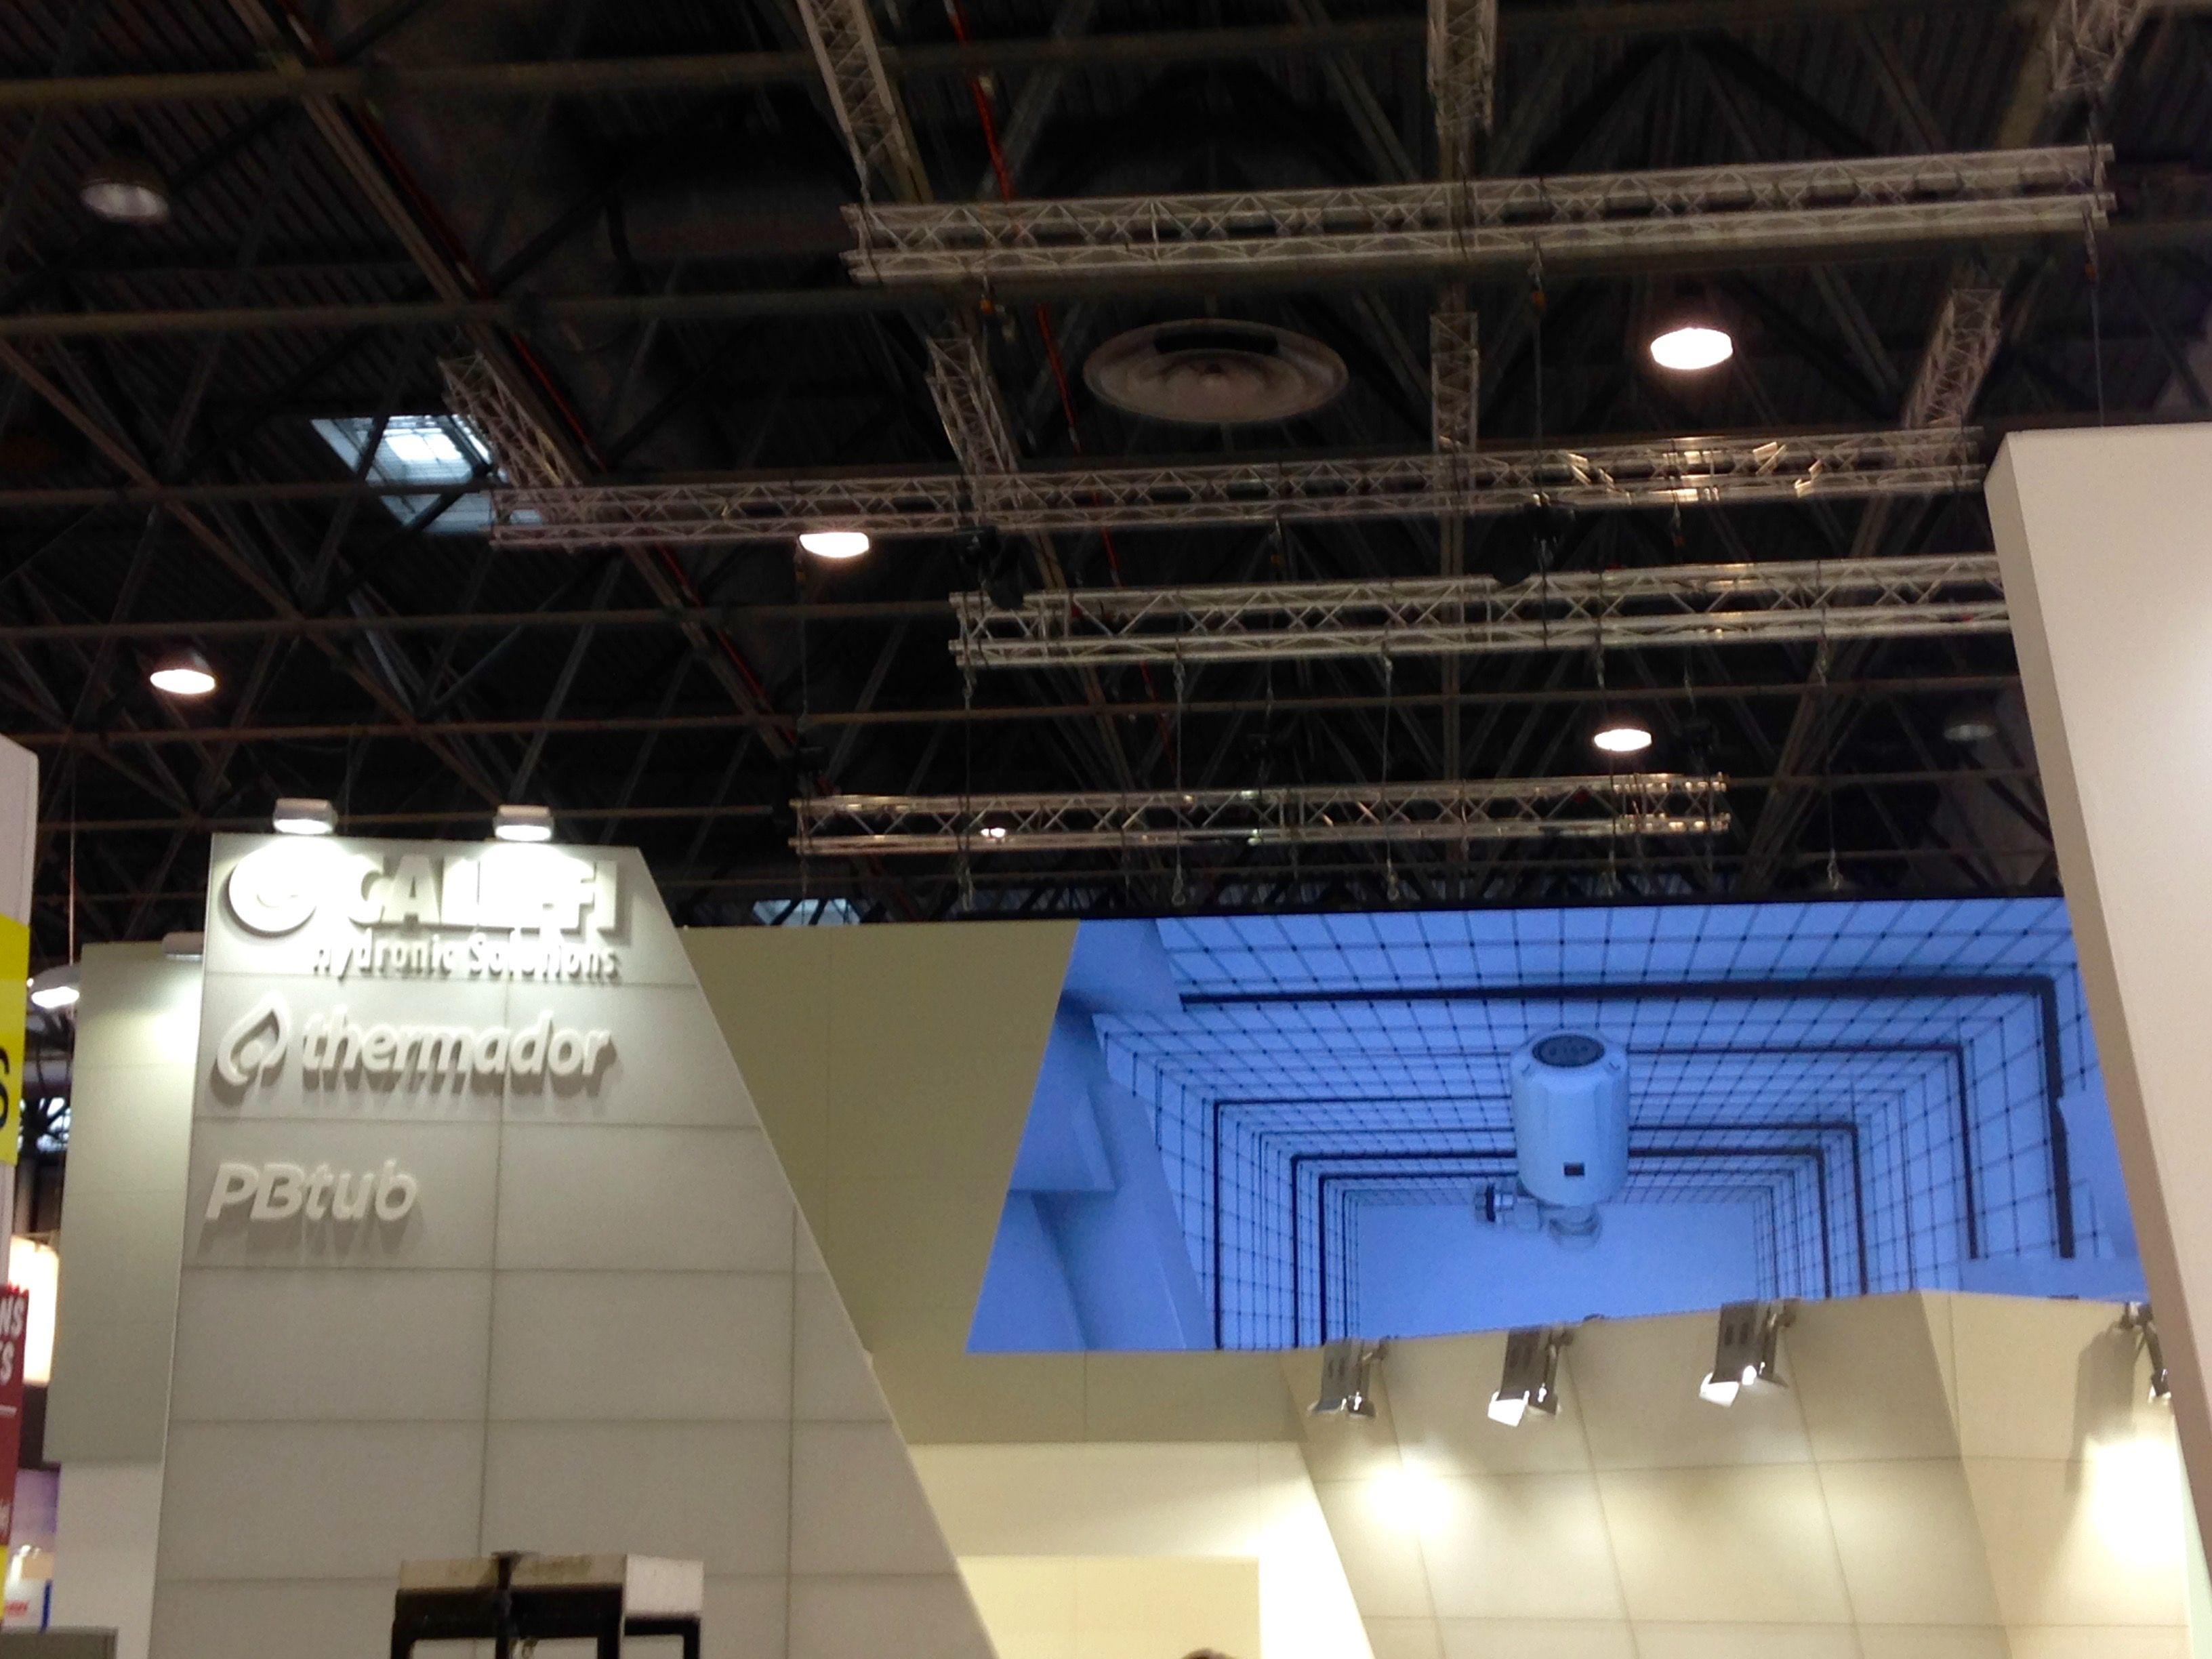 Caleffi HVAC design B2B exhibitions